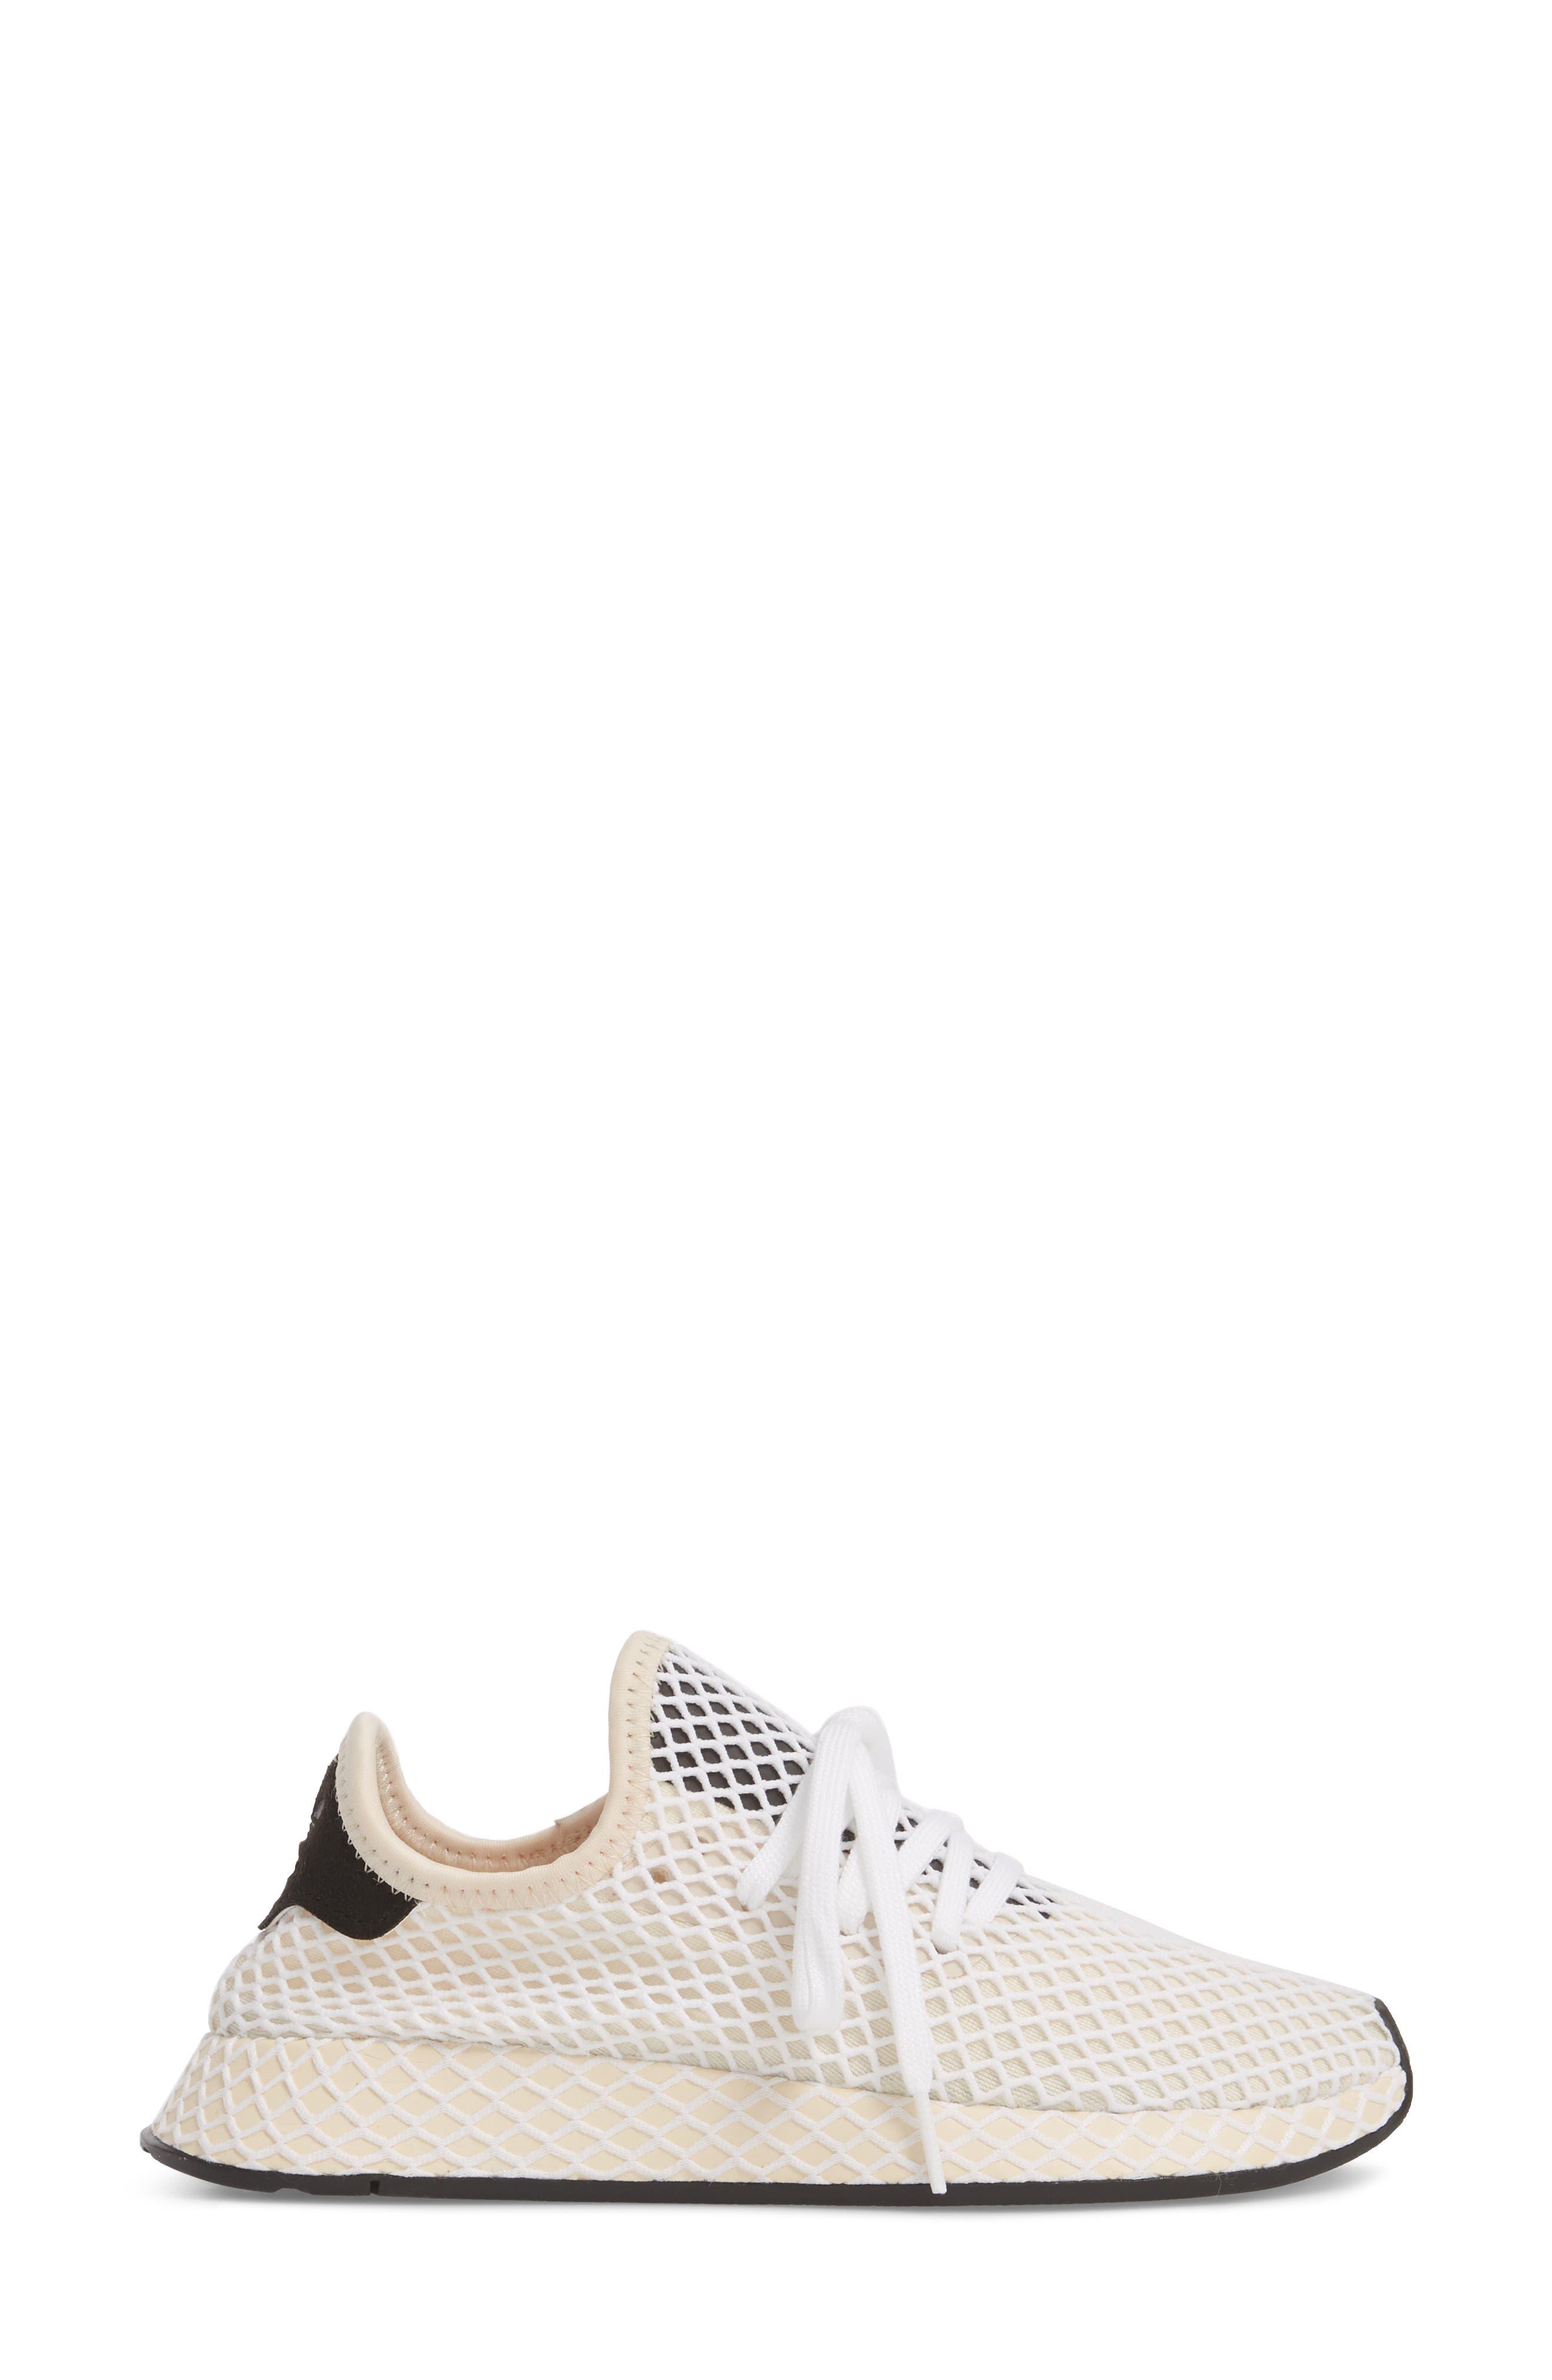 Deerupt Runner Sneaker,                             Alternate thumbnail 3, color,                             Linen/ Linen/ Ecru Tint